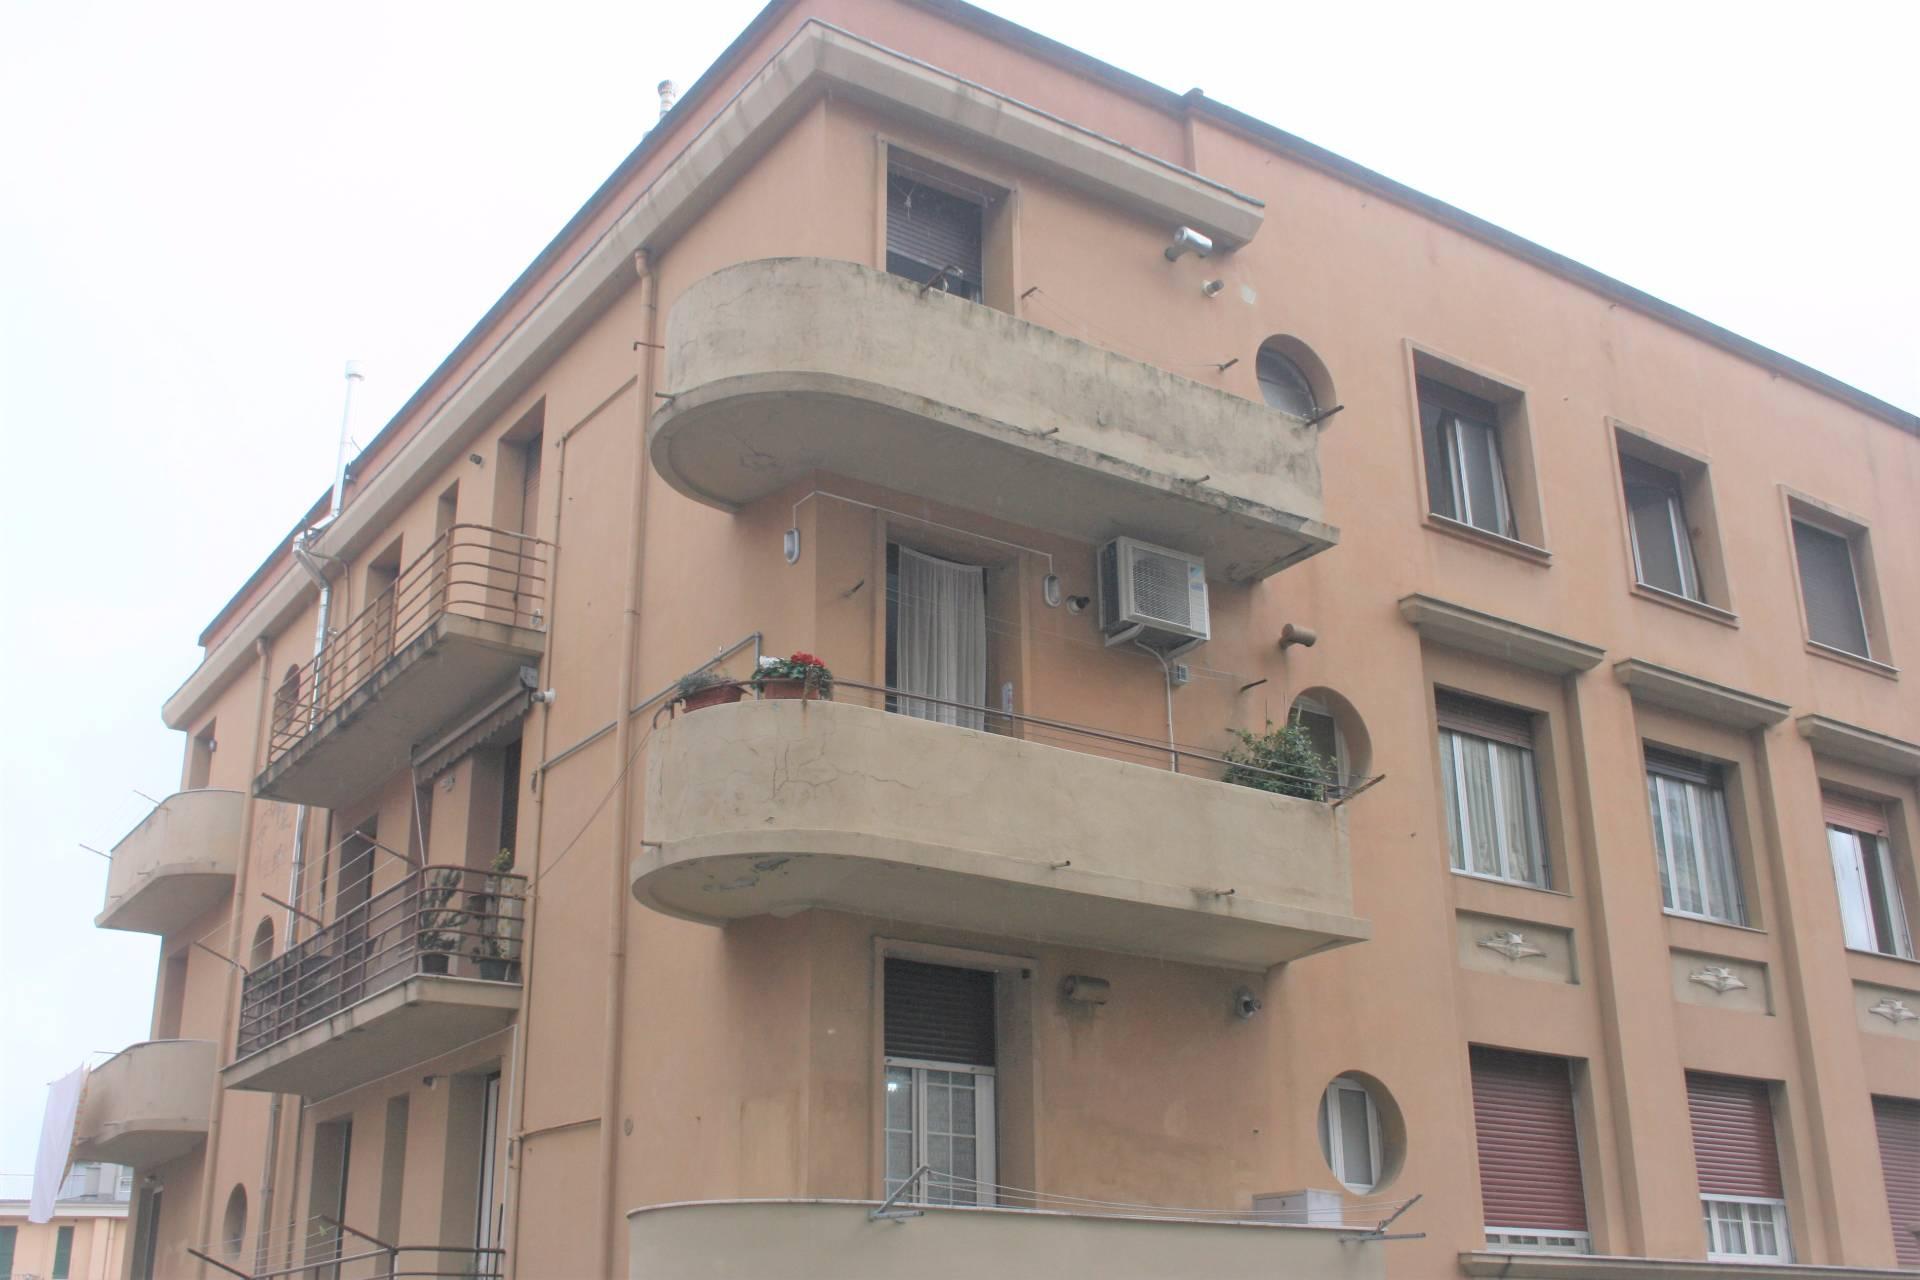 Appartamento genova - Valutazione immobile casa it ...